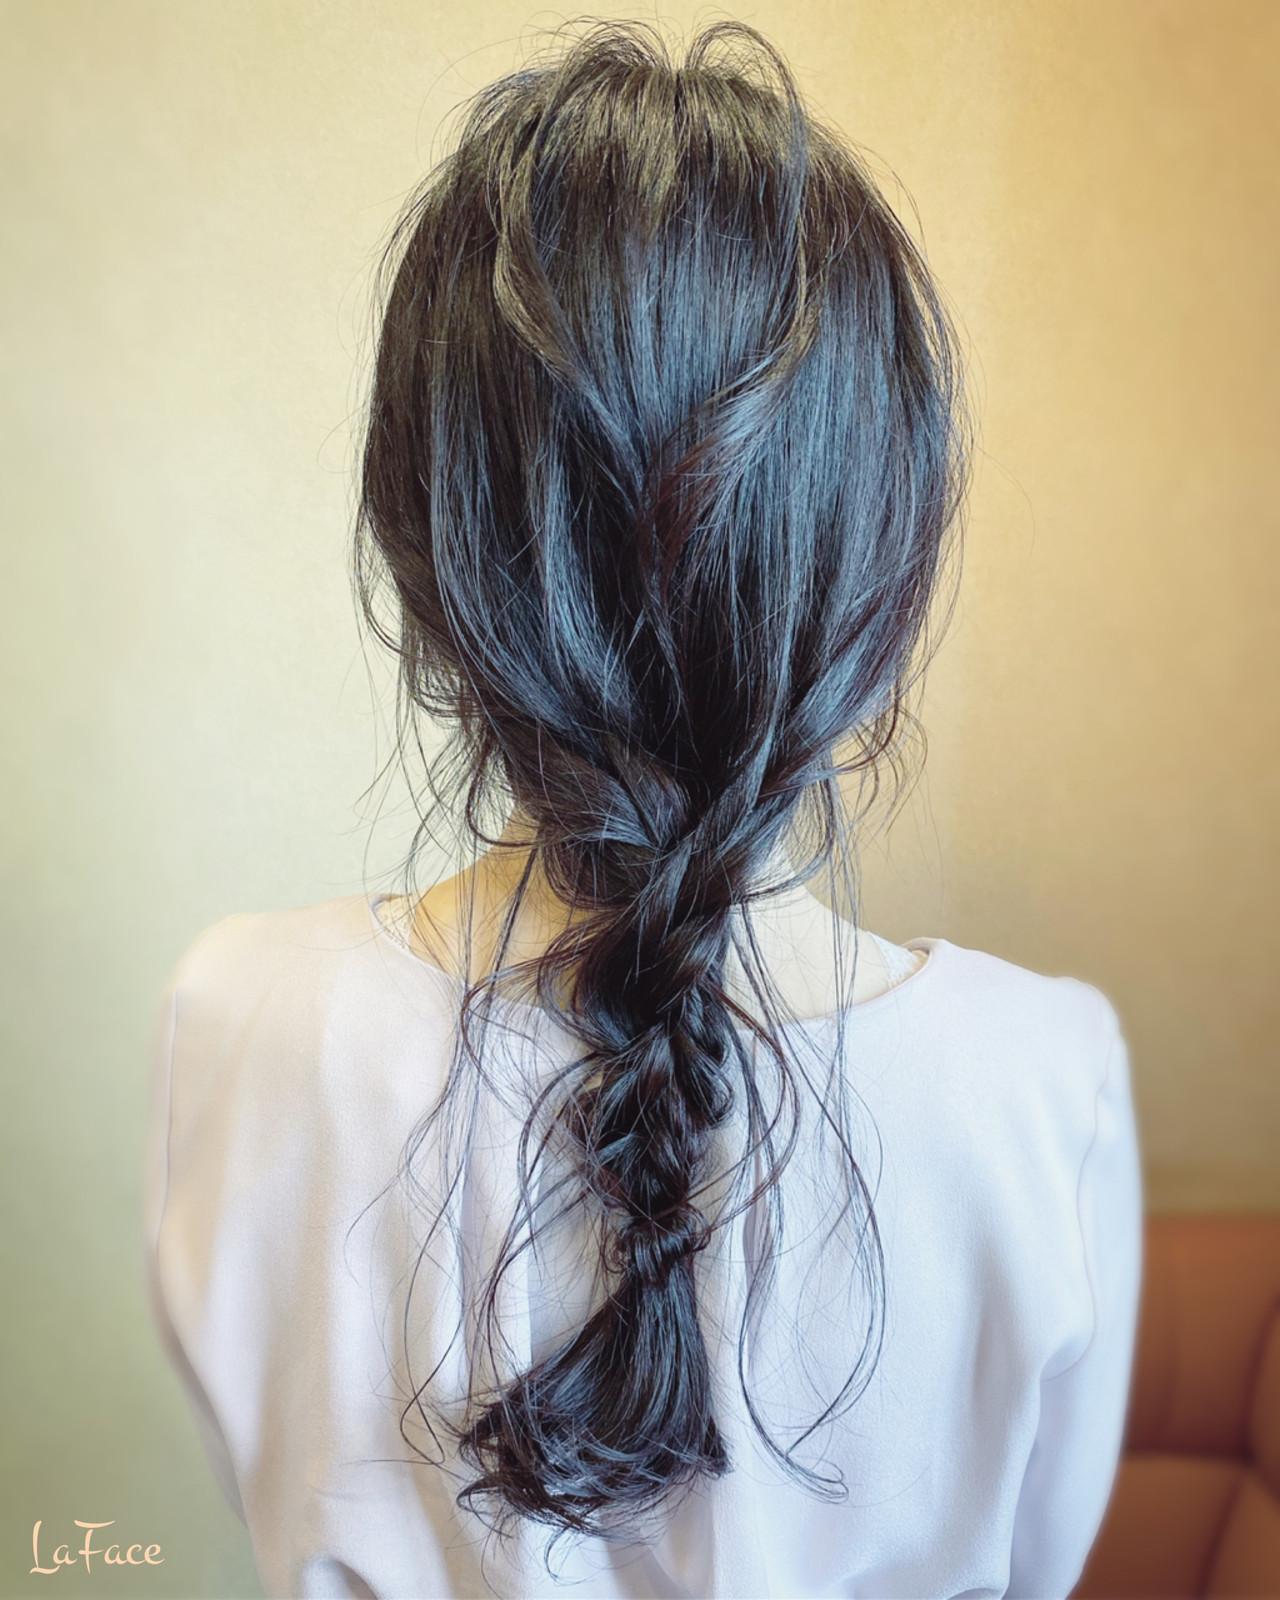 三つ編み 後れ毛 編みおろし ナチュラル ヘアスタイルや髪型の写真・画像